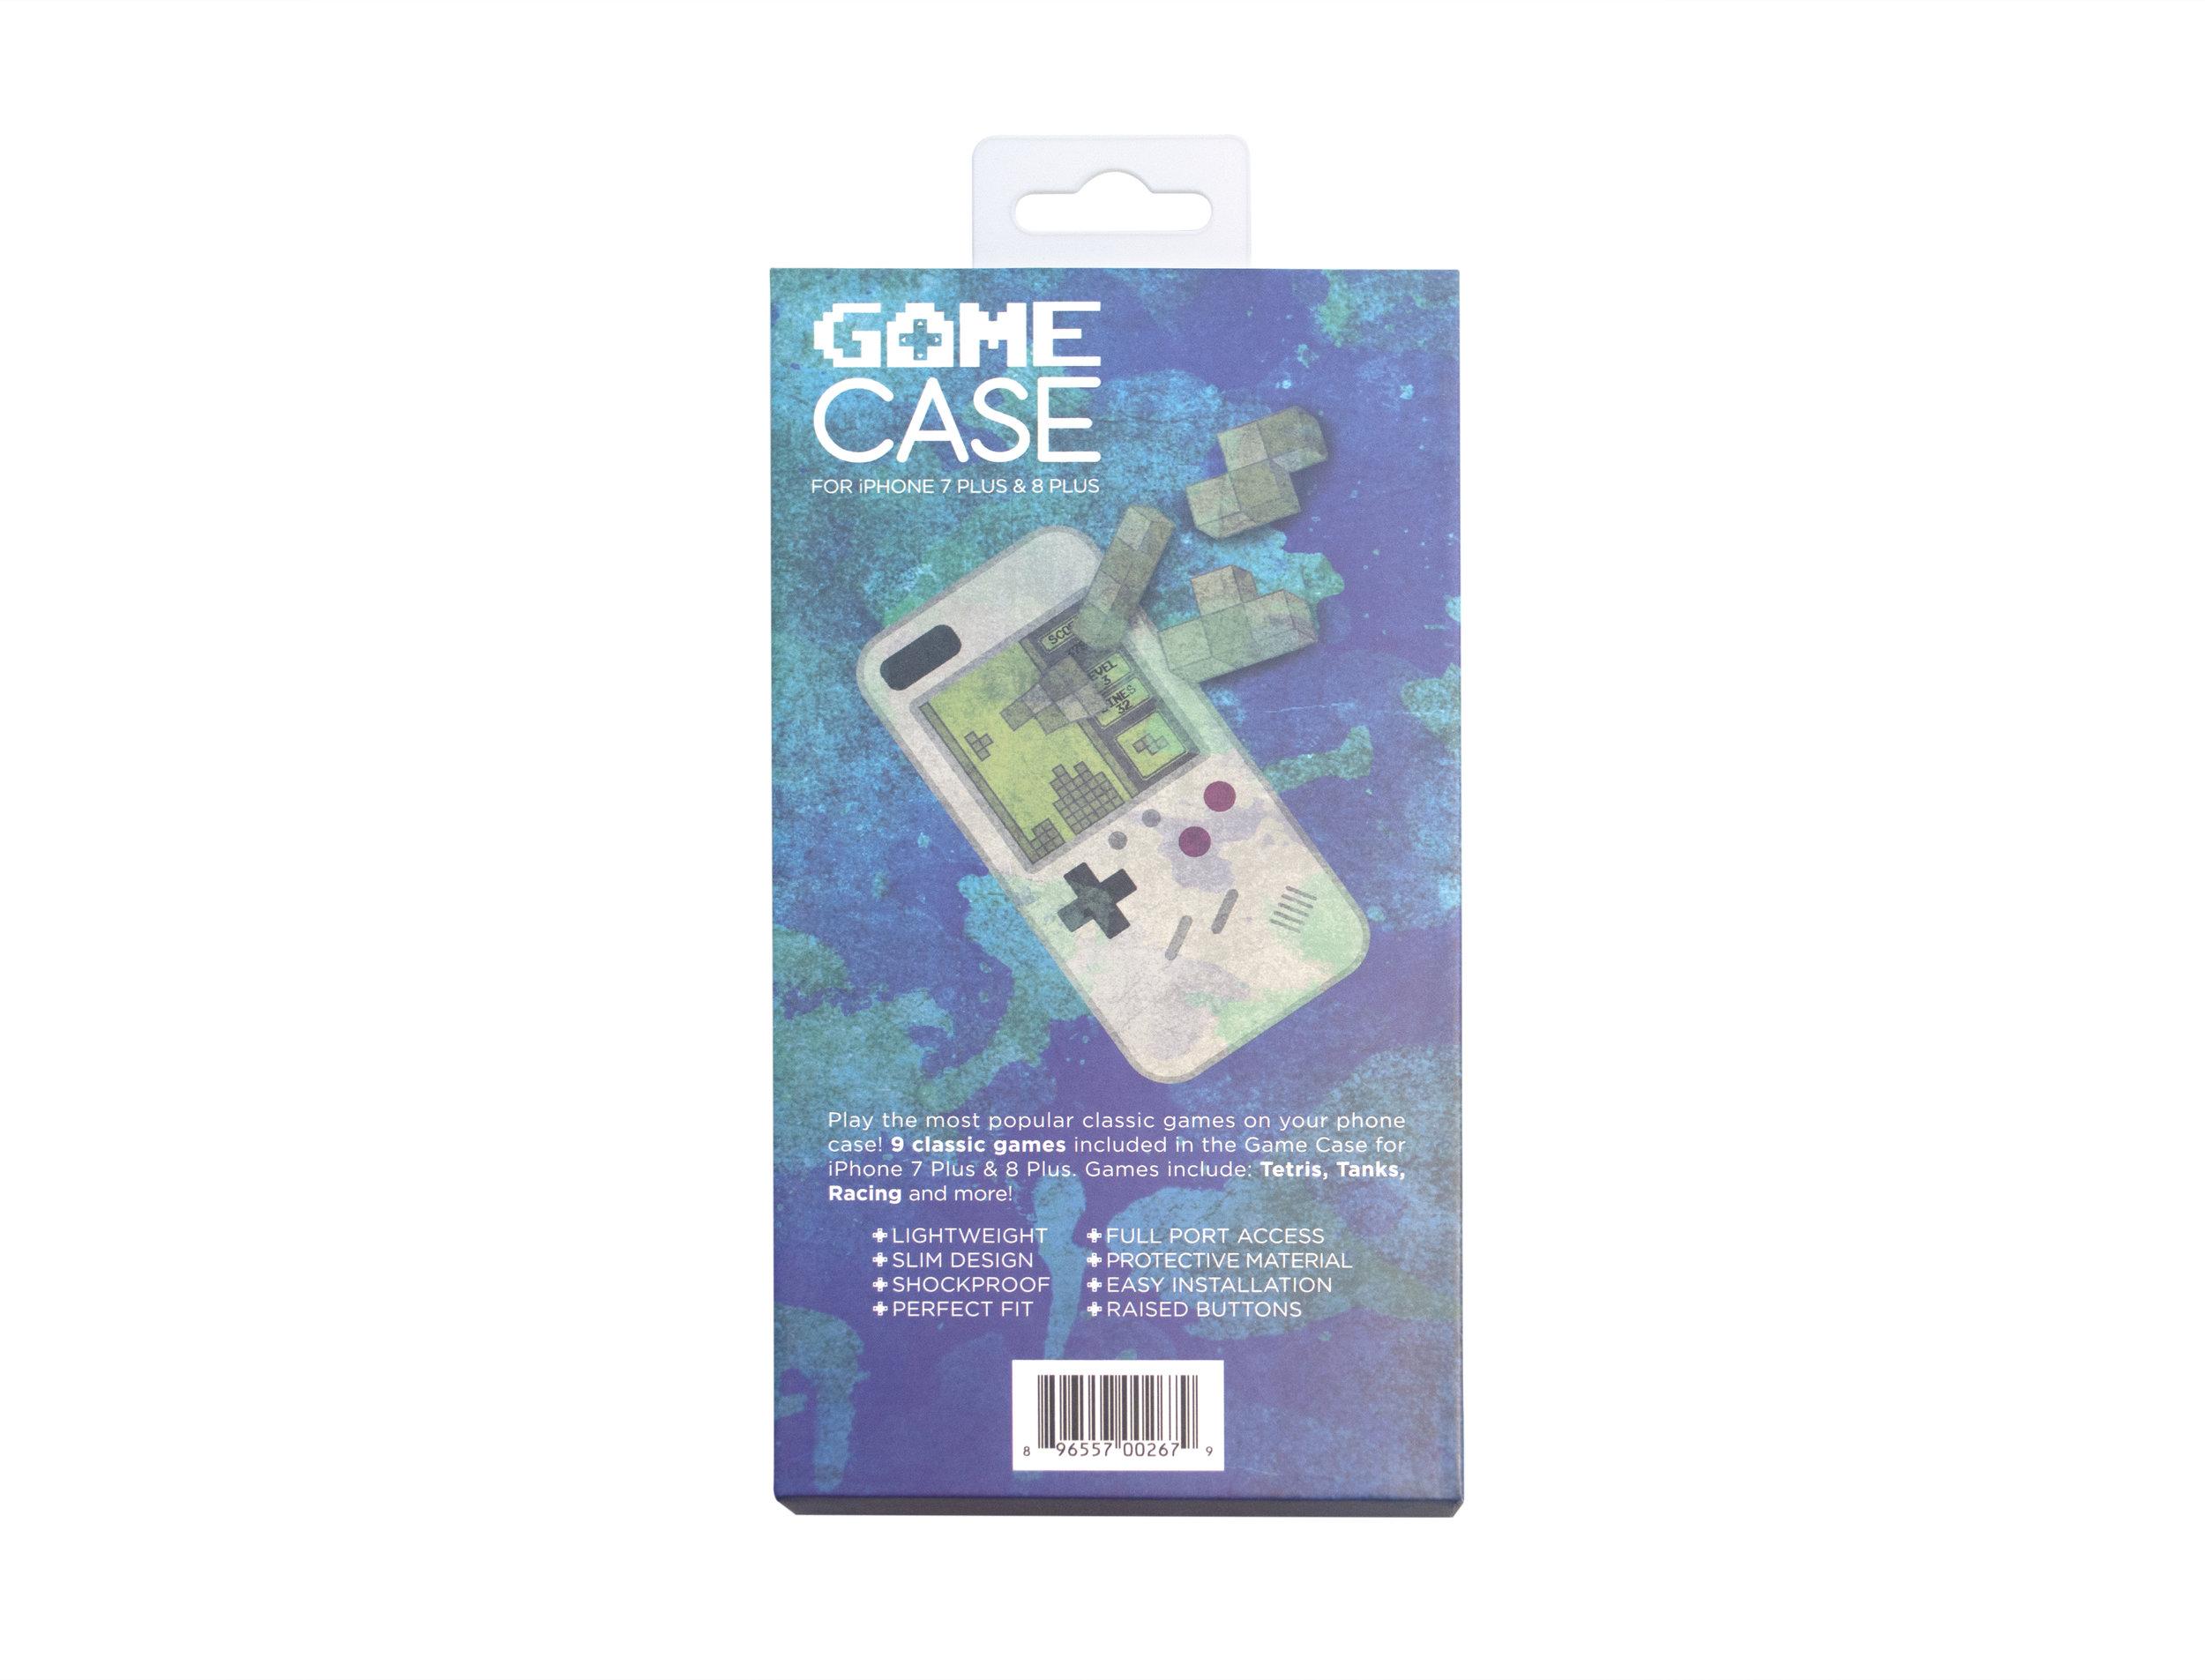 GameCase_PKG_Back.jpg